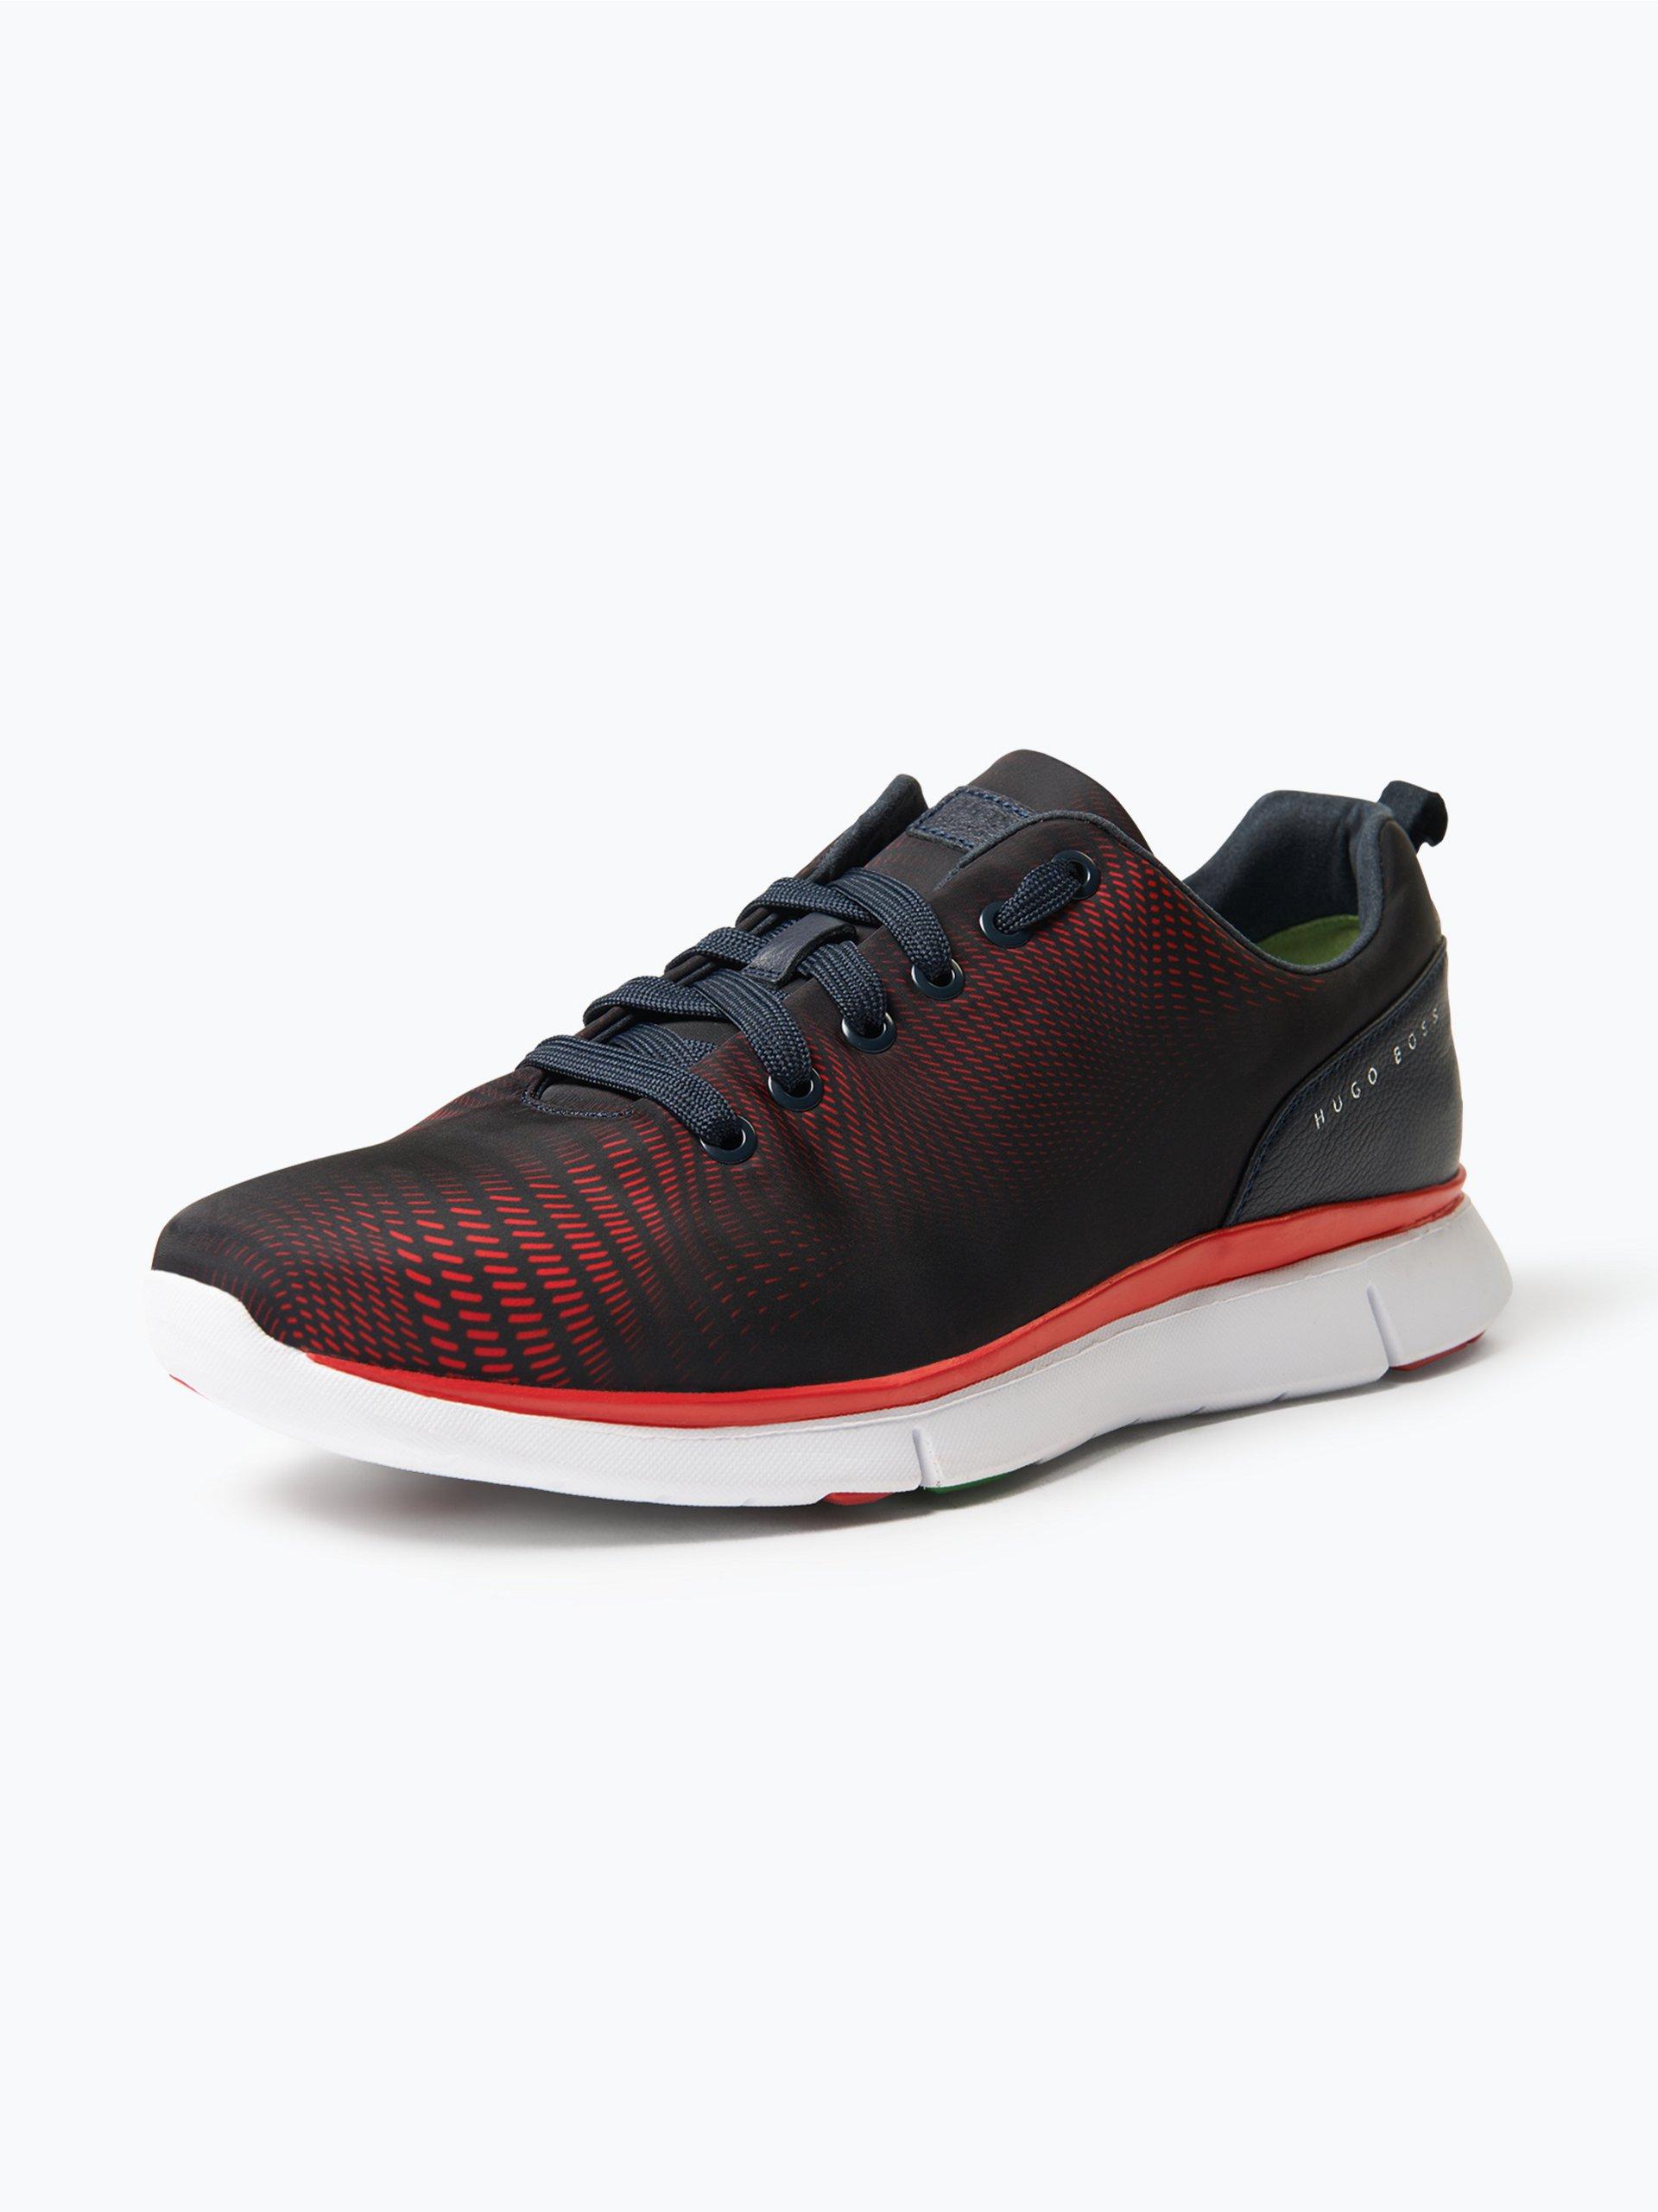 BOSS Athleisure Herren Sneaker mit Leder-Besatz - Gym_Runn_nypr1